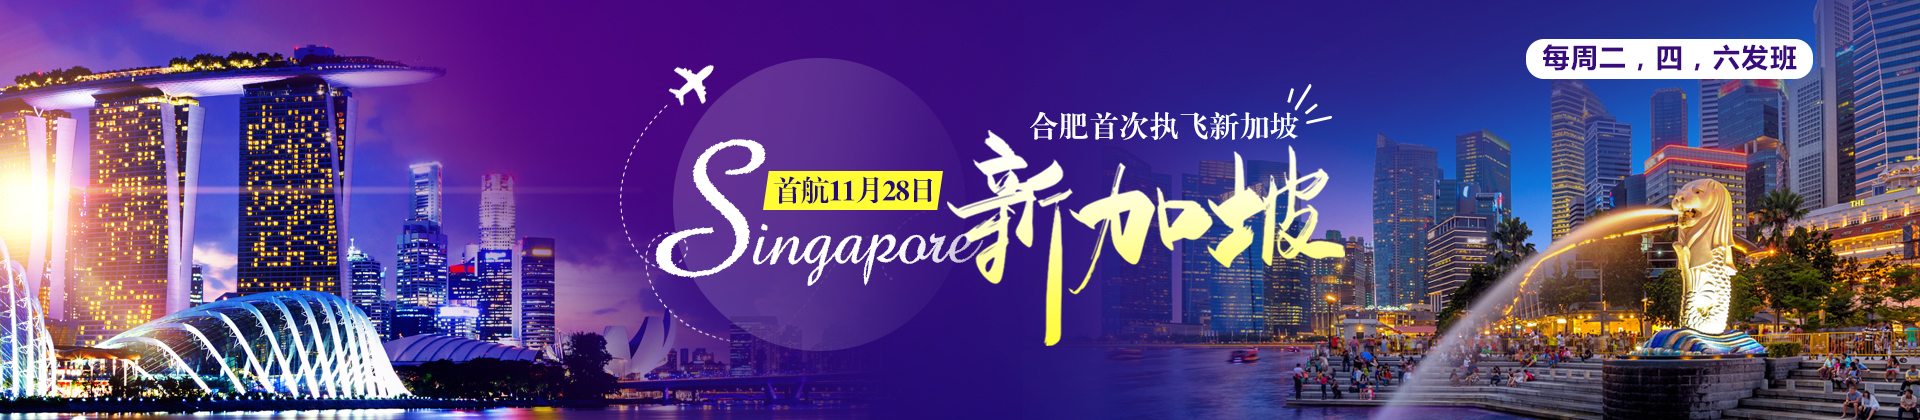 合肥到新加坡旅游<br/>中青旅新加坡包机